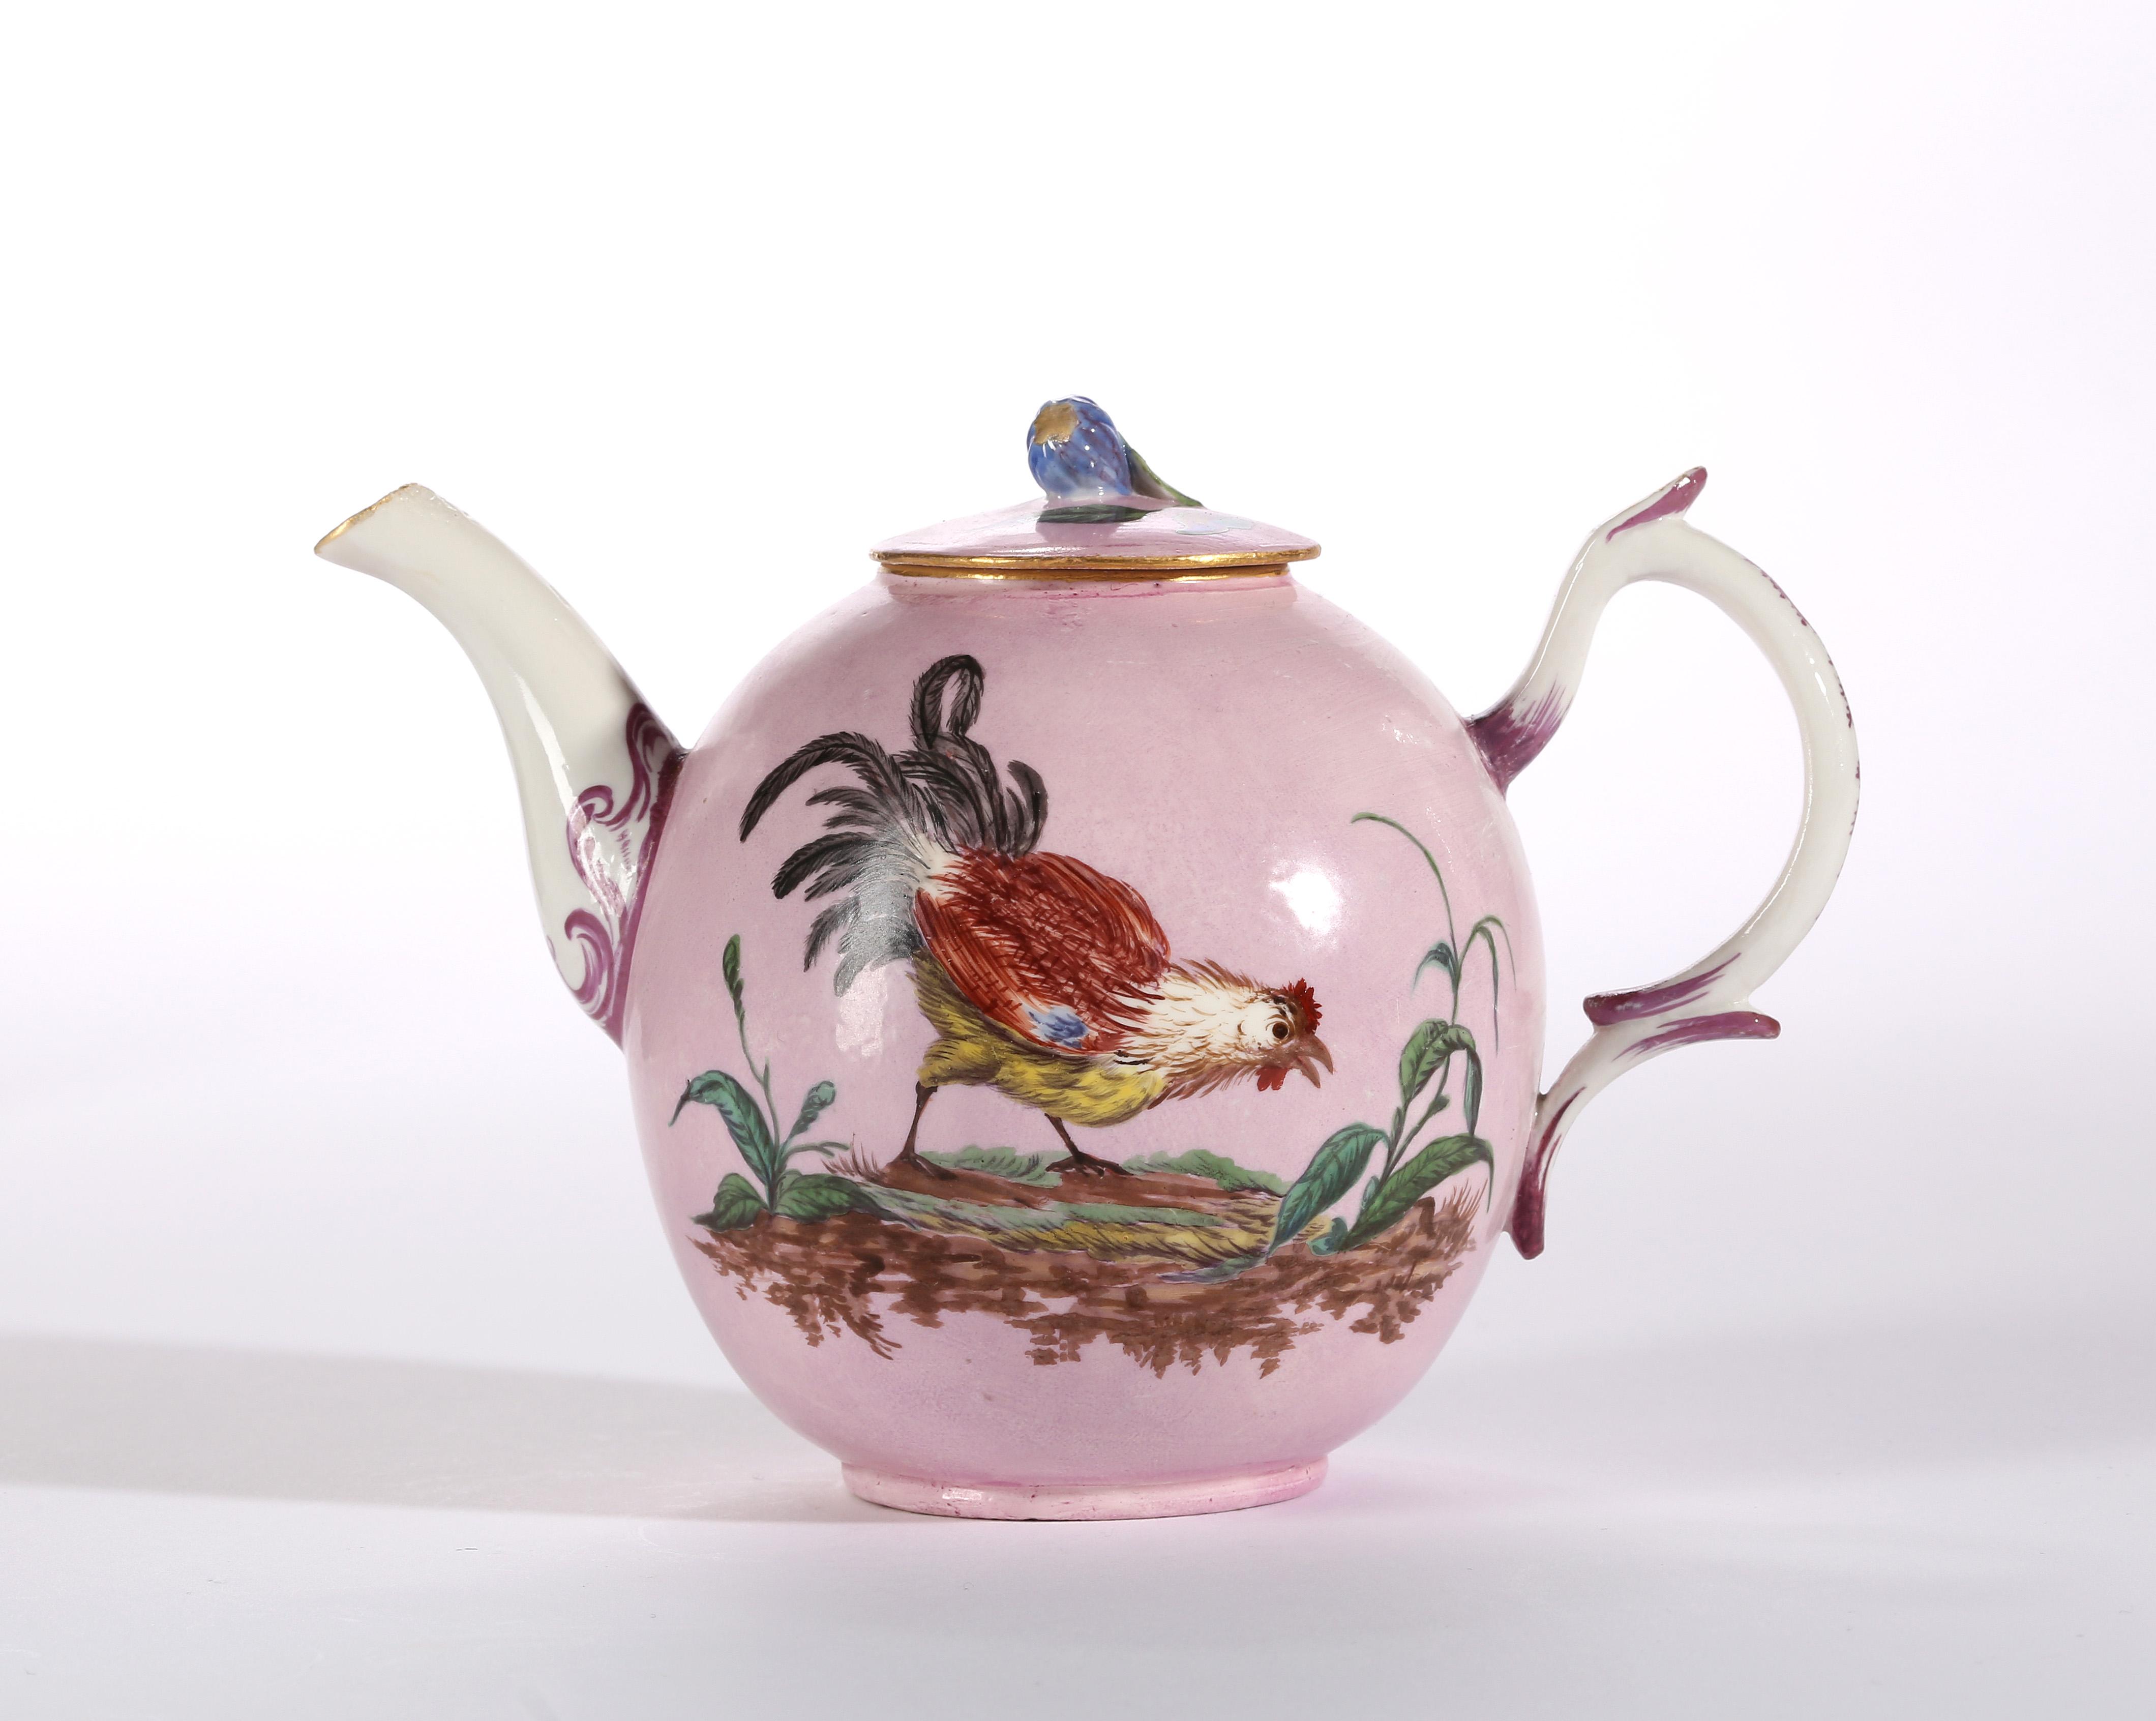 Loosdrecht teapot